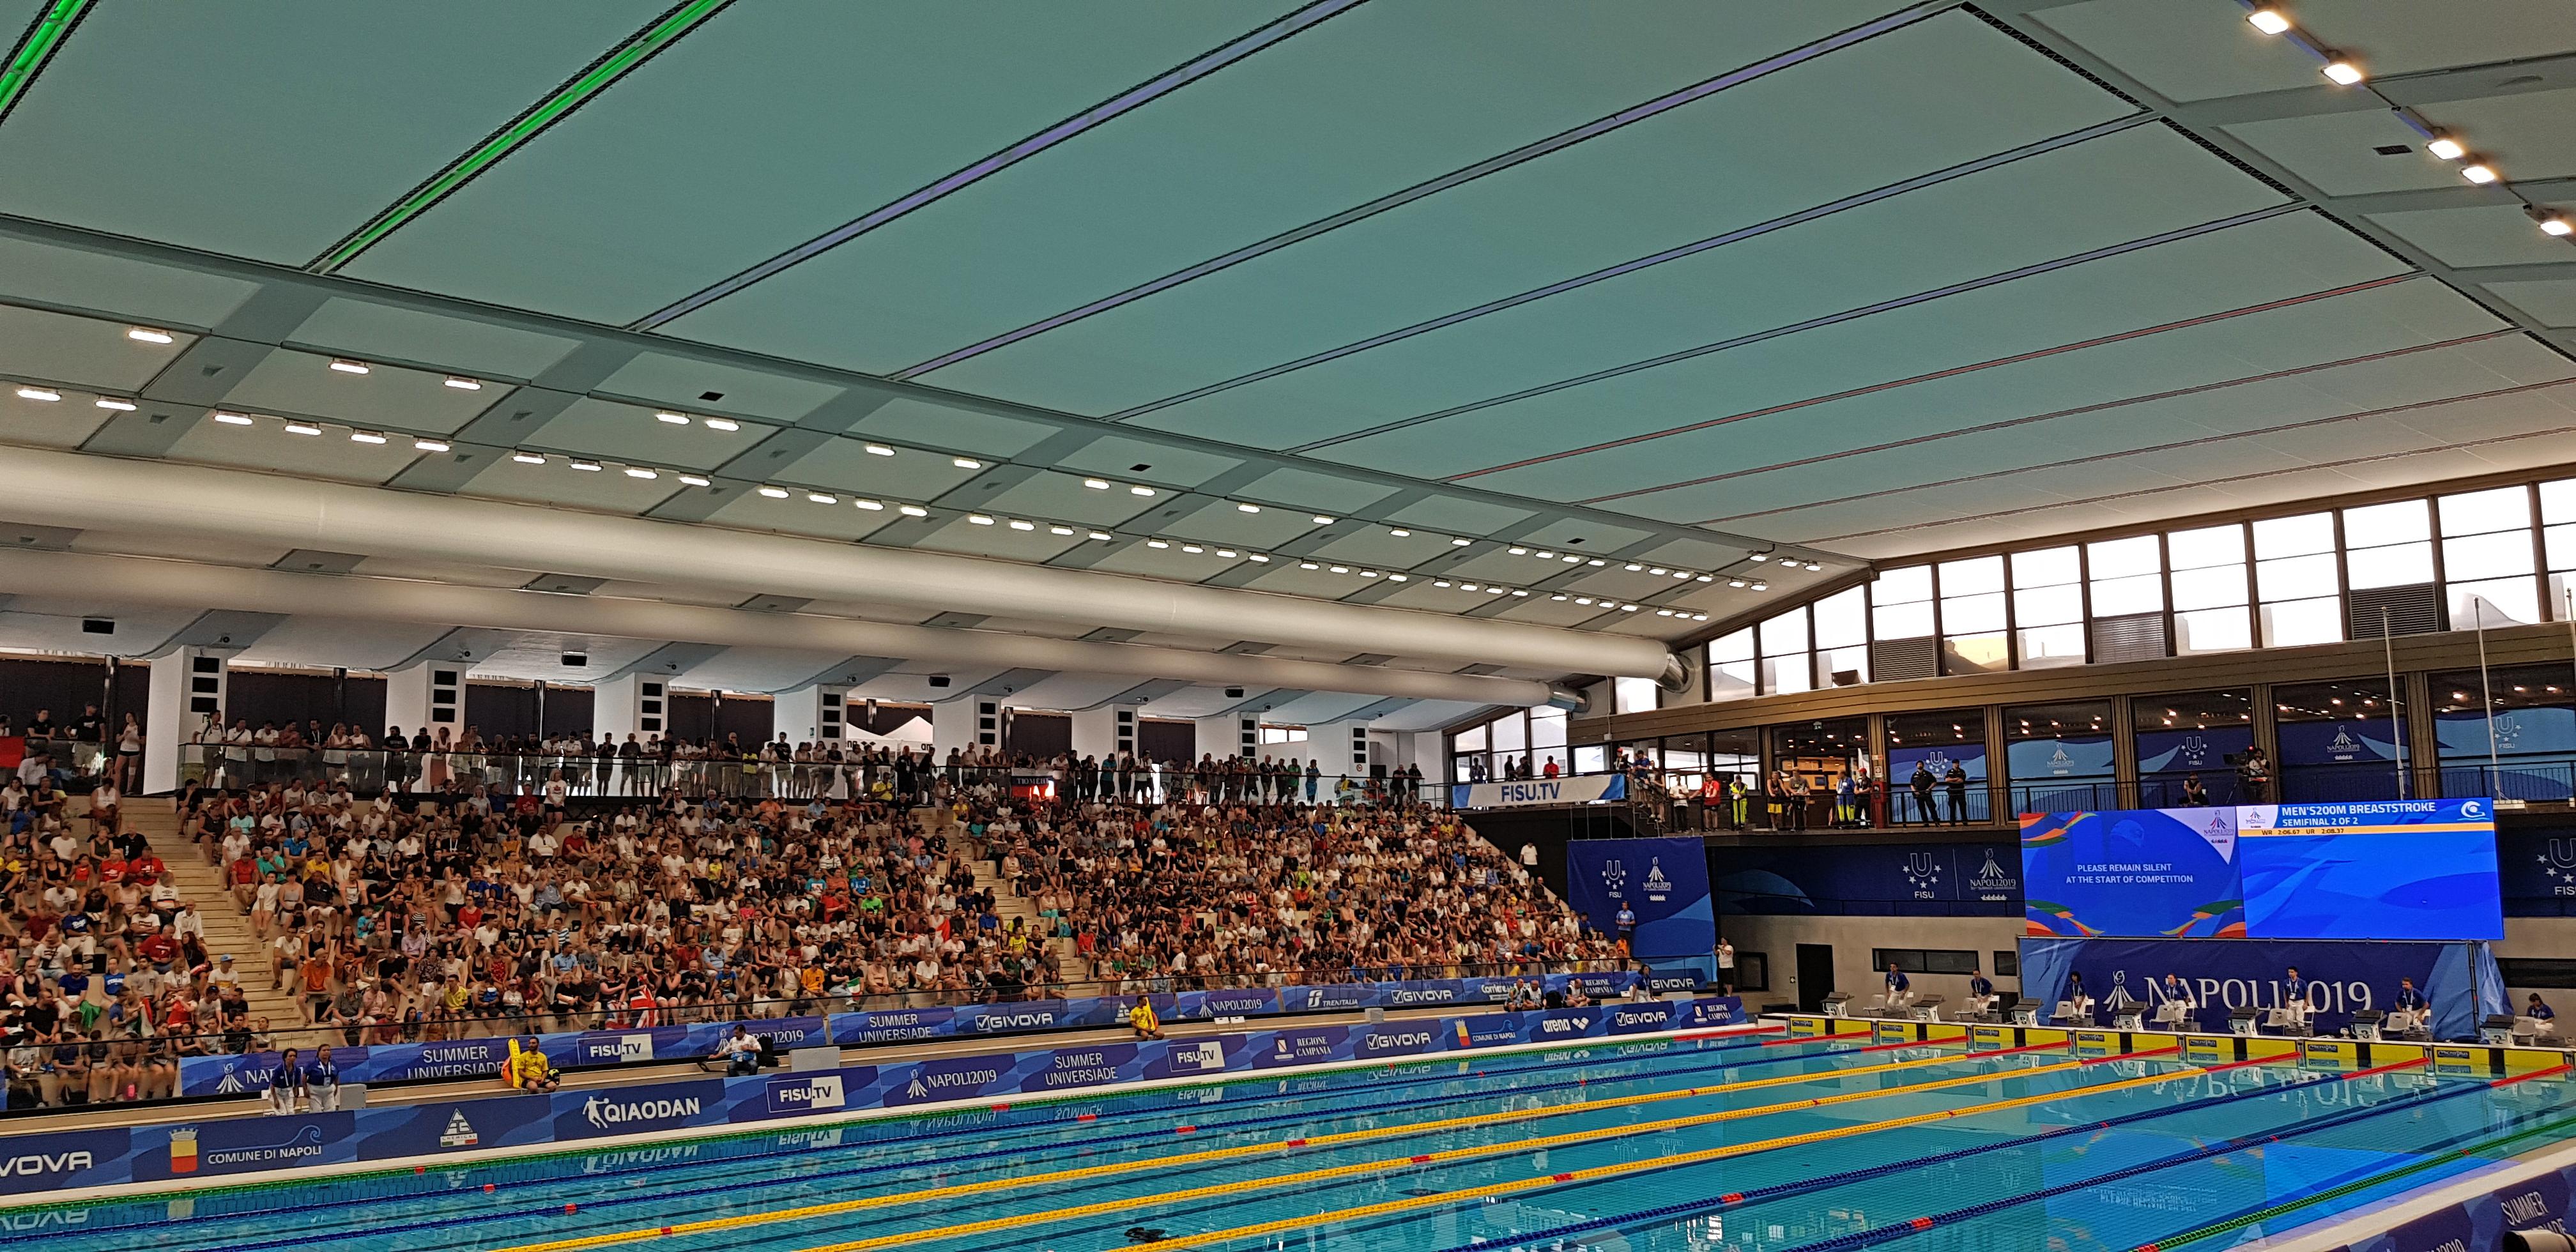 Piscine A Nocera Inferiore piscina felice scandone - wikipedia